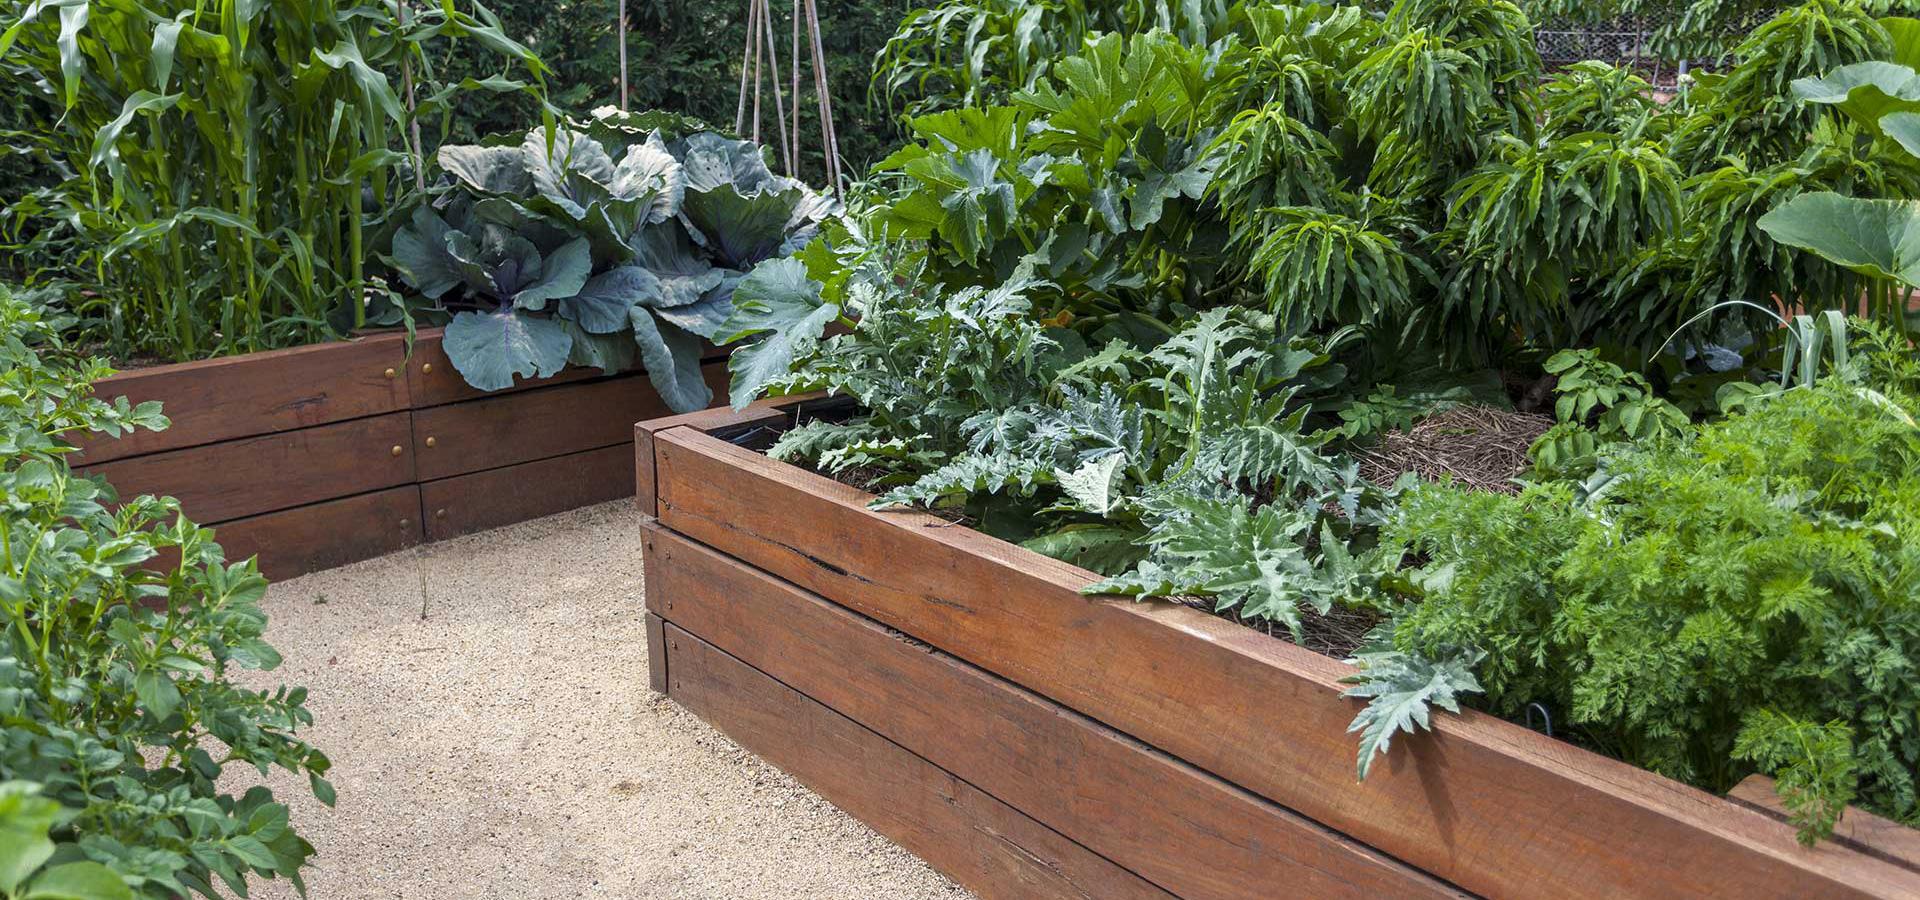 Adviezen voor de tuin